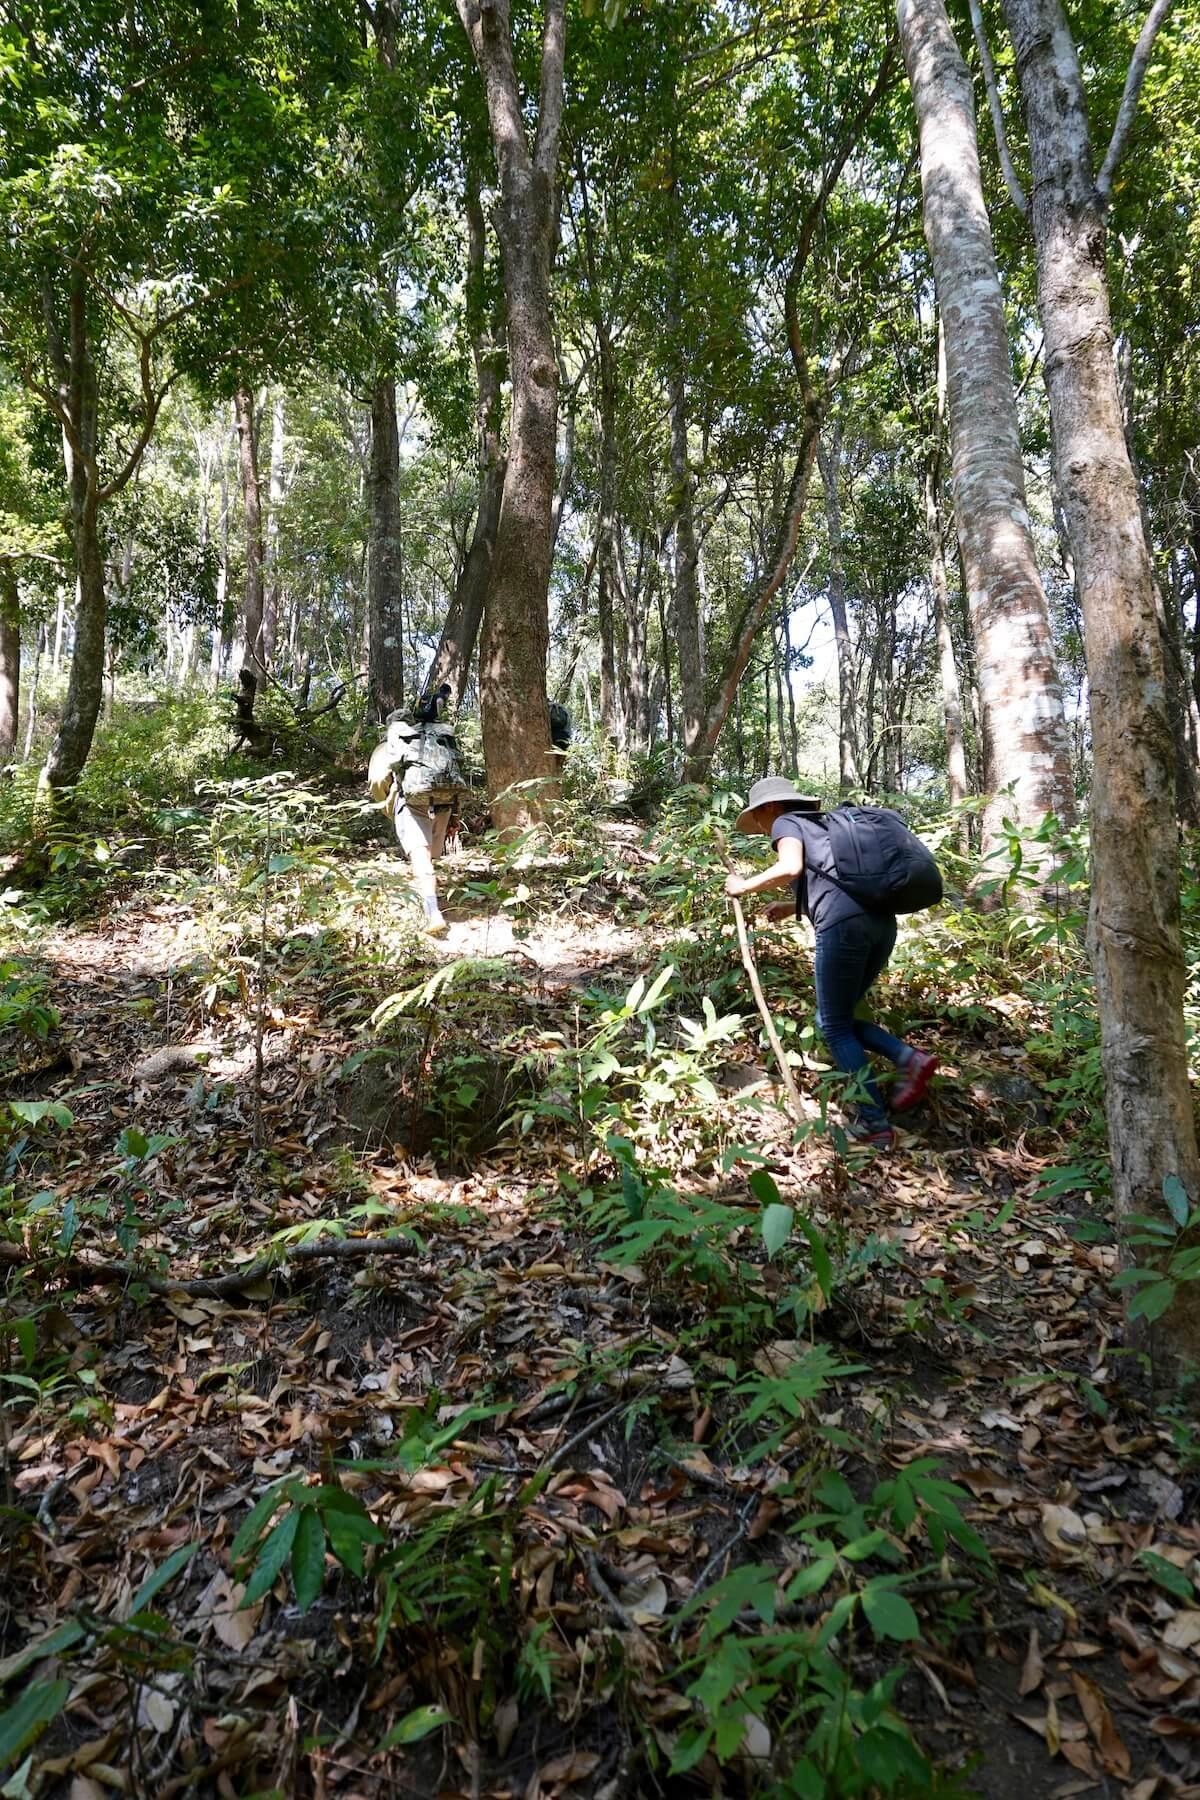 trekking in Doi Inthanon National Park